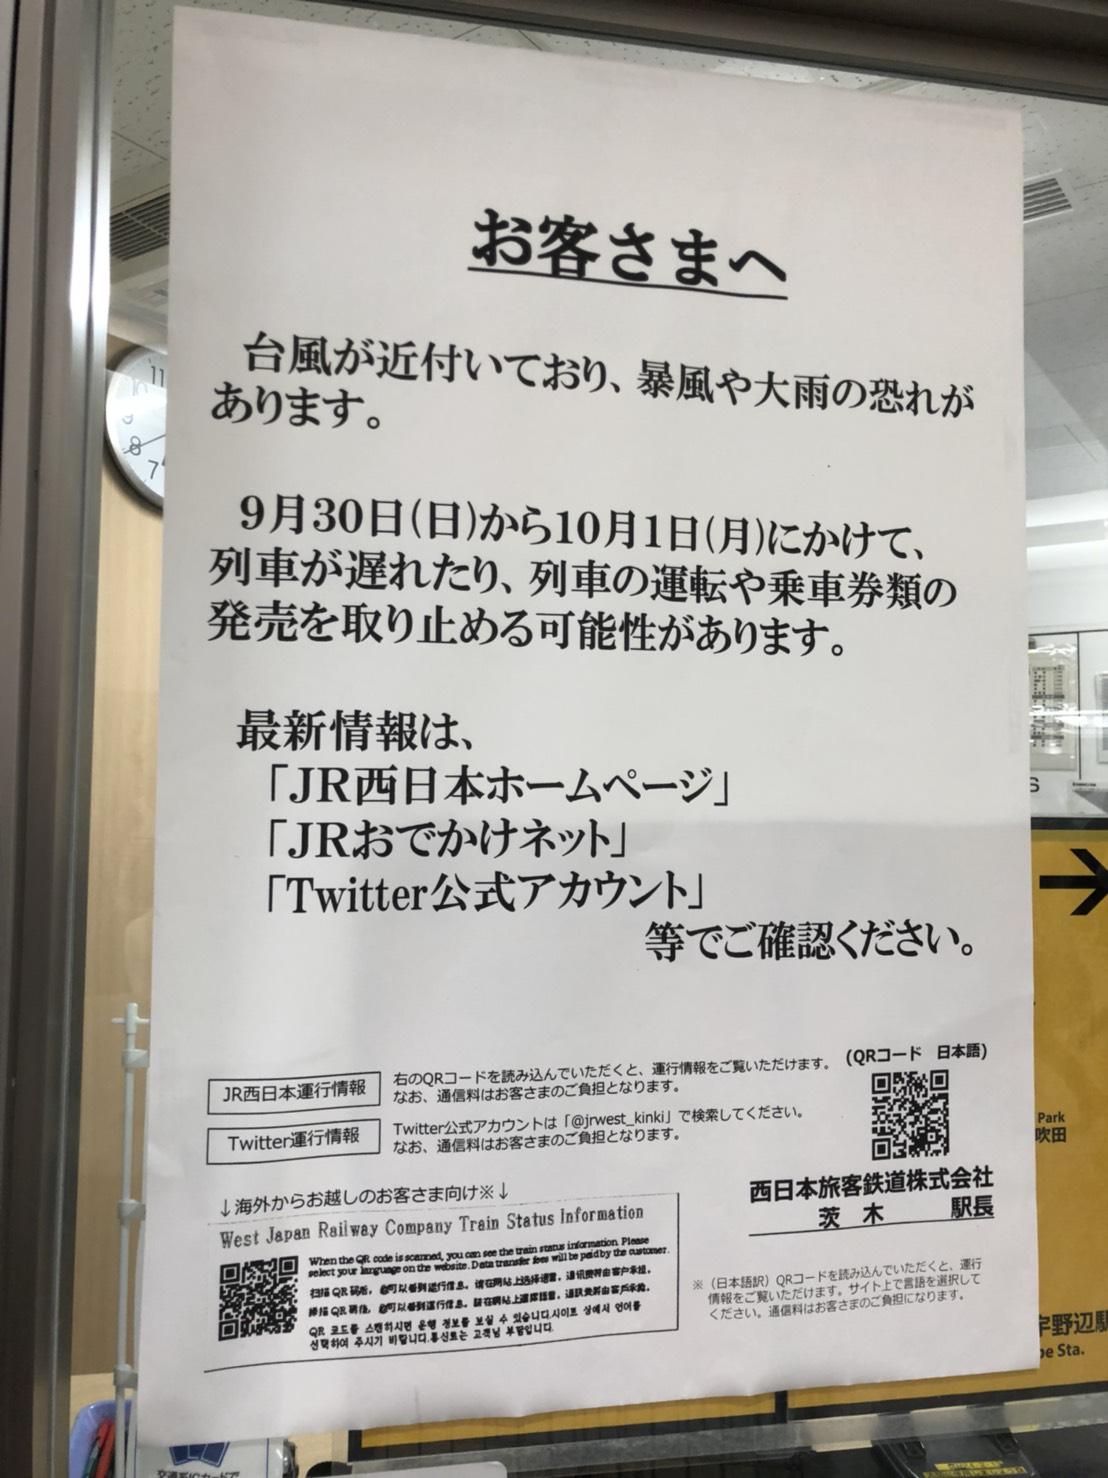 JRお知らせ2